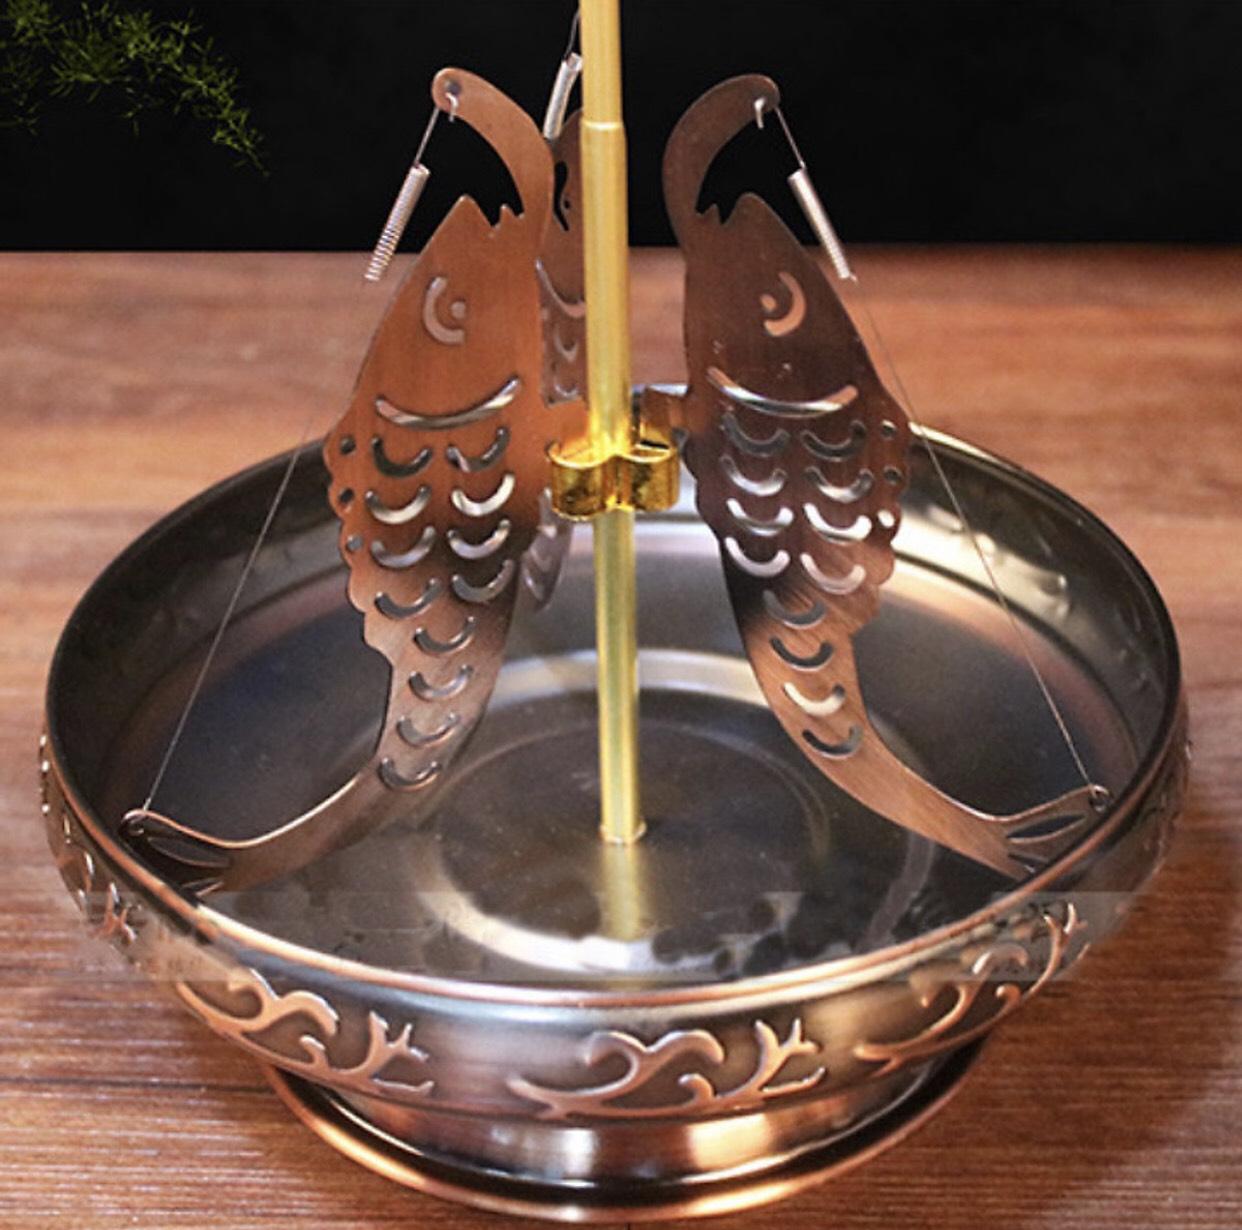 Đĩa thắp nhang vòng 24 h hợp kim si đồng đỏ( tặng kèm 1 vòng hương thảo dược 24 h ) mẫu 3 cá Chép BH900